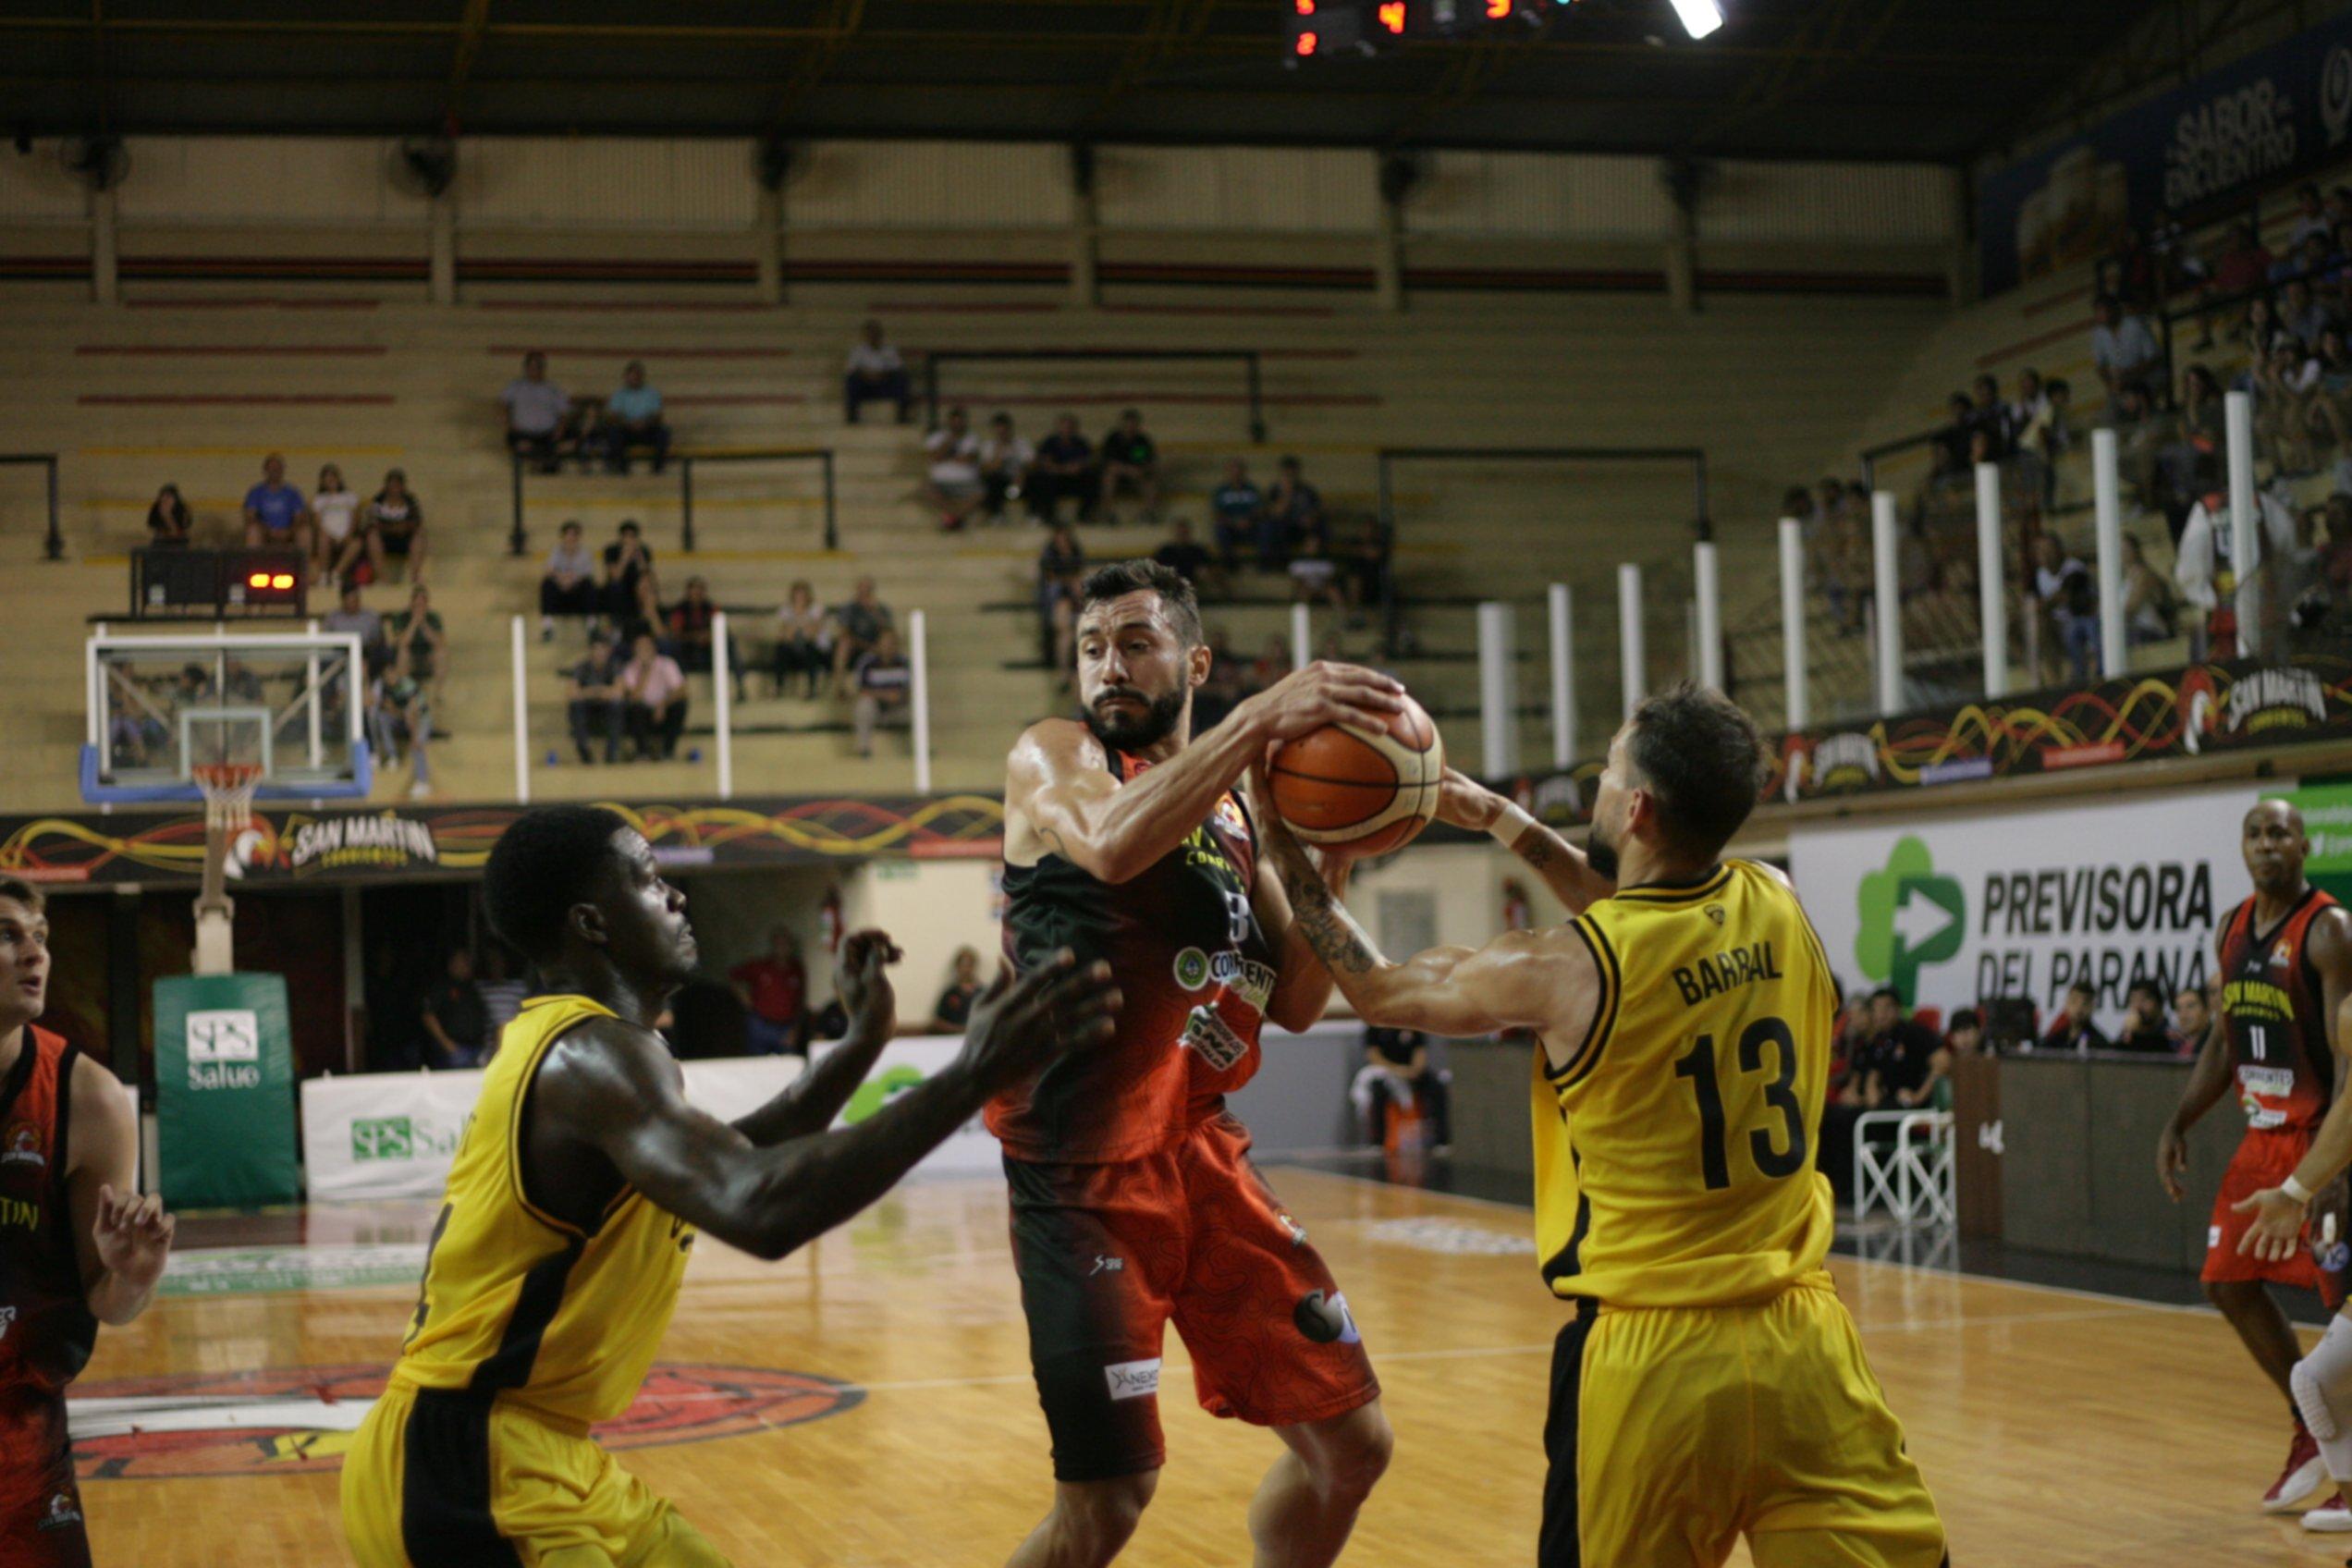 <p>Antecedente. En el duelo jugado en Corrientes, San Martín venció a Obras durante la presente temporada.</p>